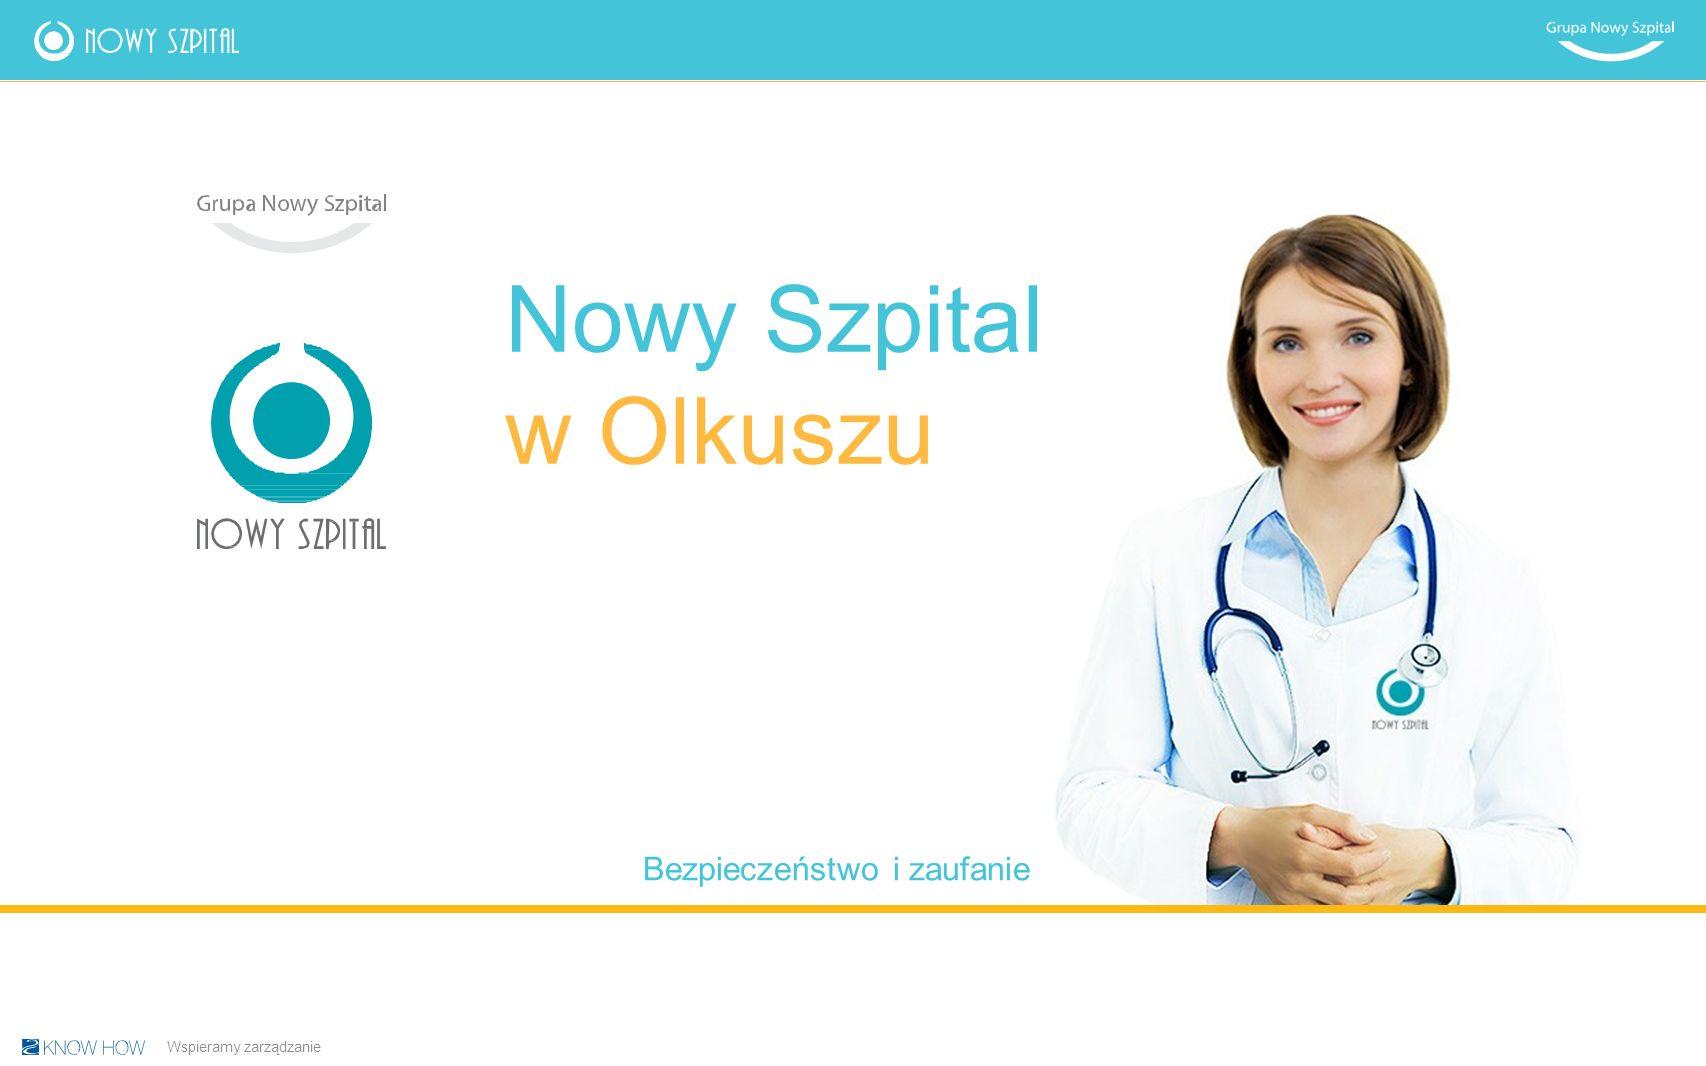 Nowy Szpital w Olkuszu Bezpieczeństwo i zaufanie Wspieramy zarządzanie